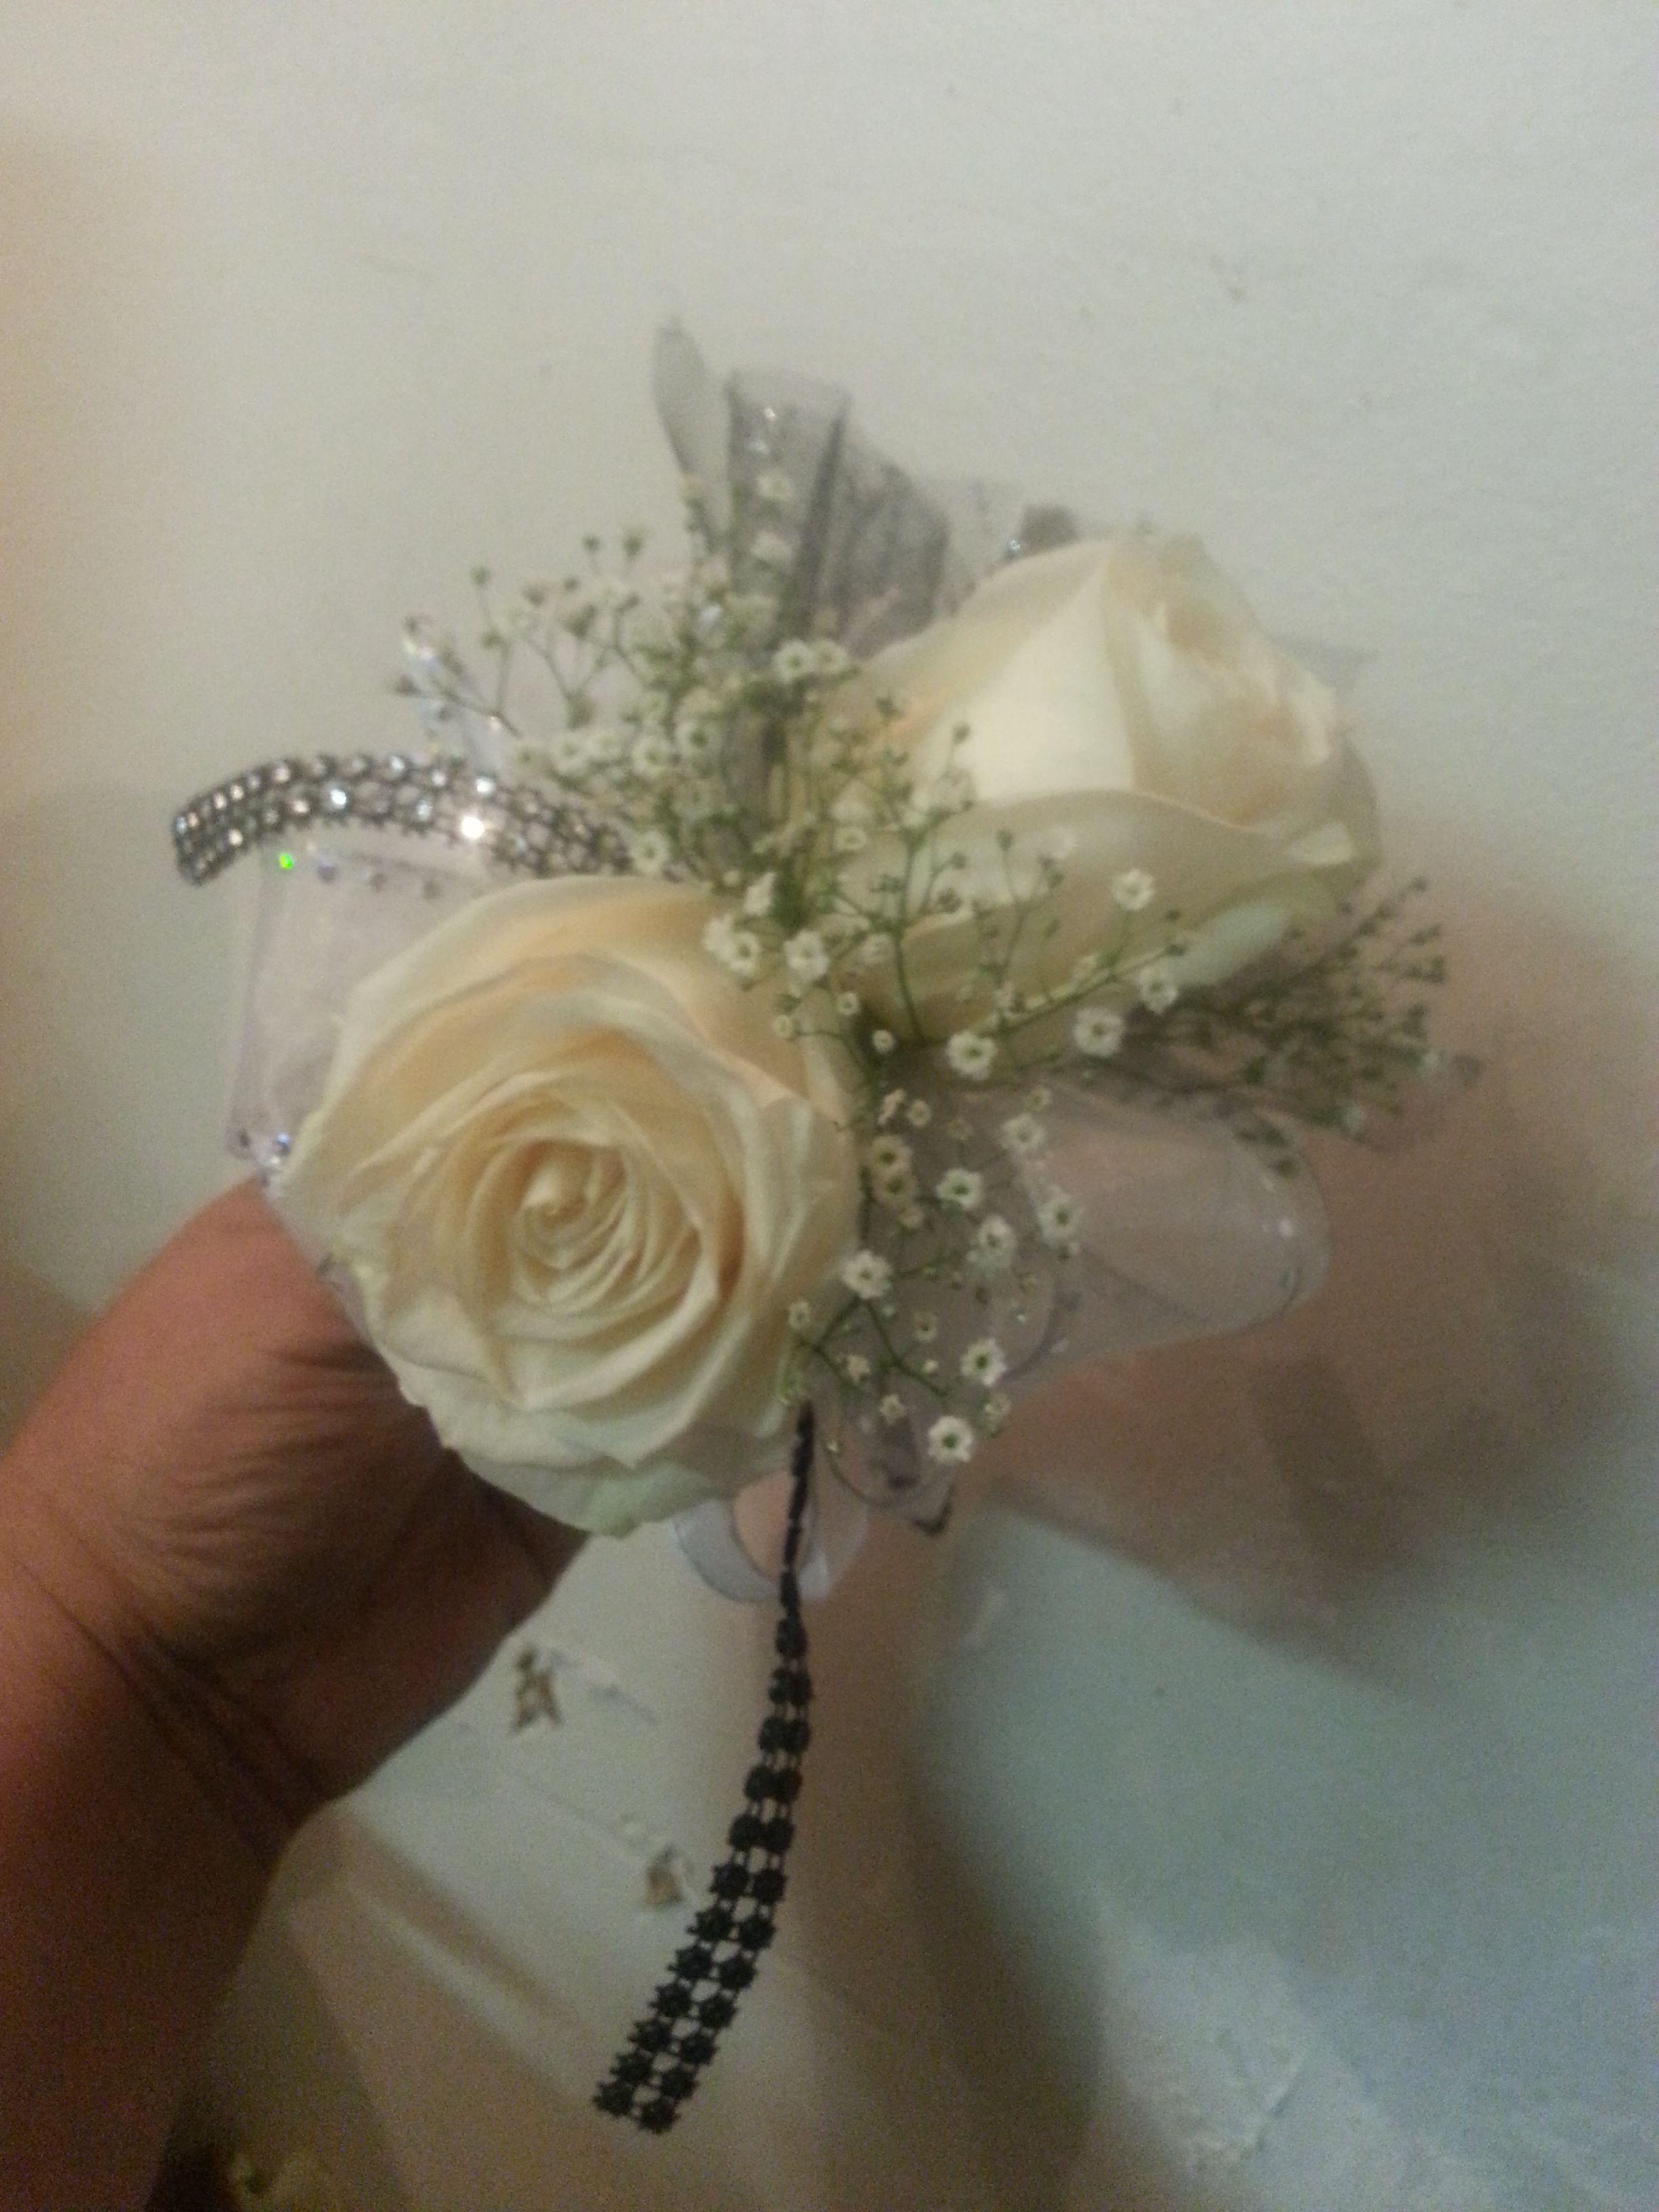 off white roses/babys breath anda little bling.